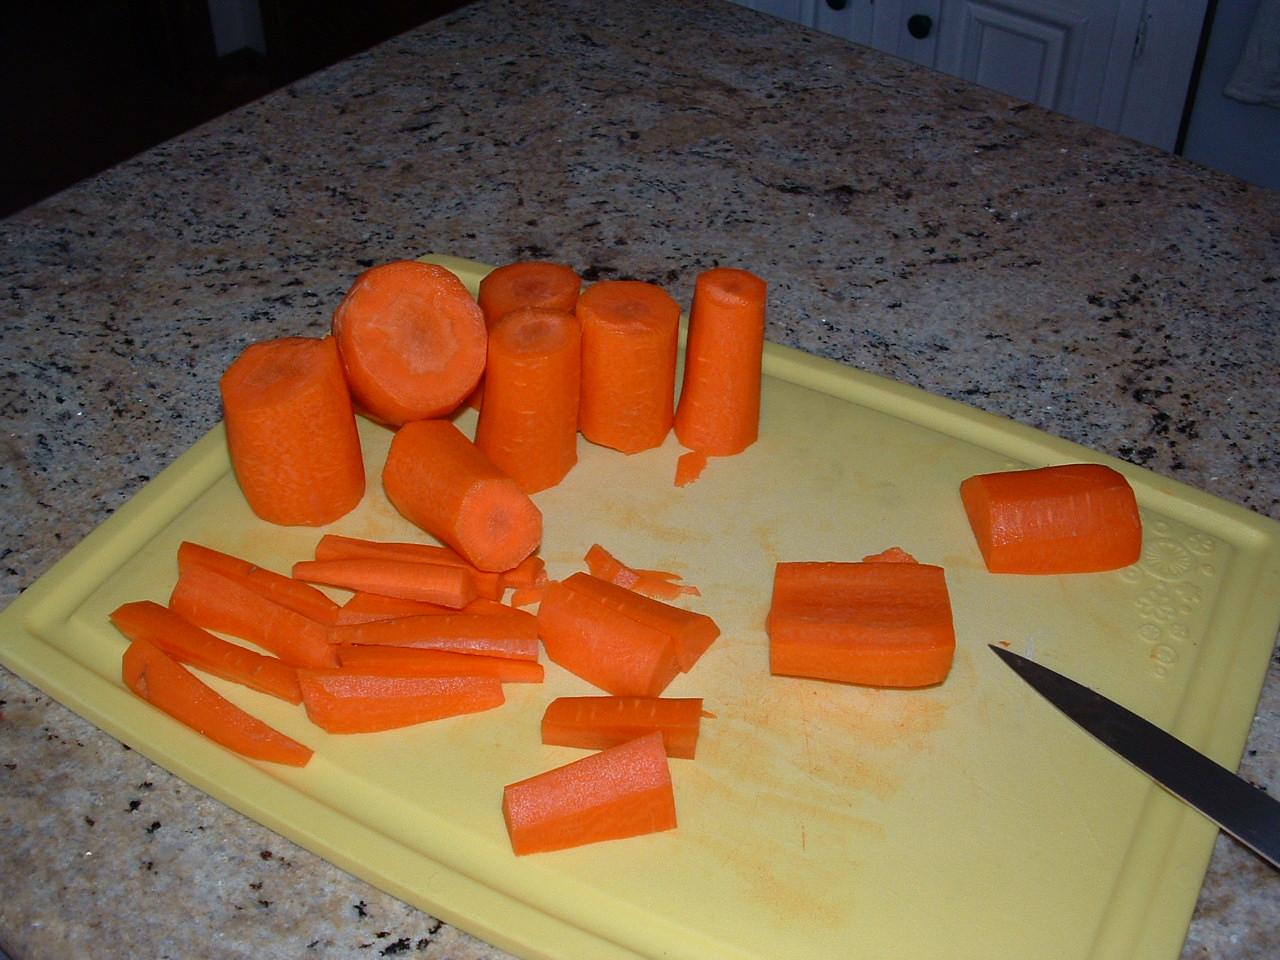 Gilligan S Island Radioactive Seeds Carrots